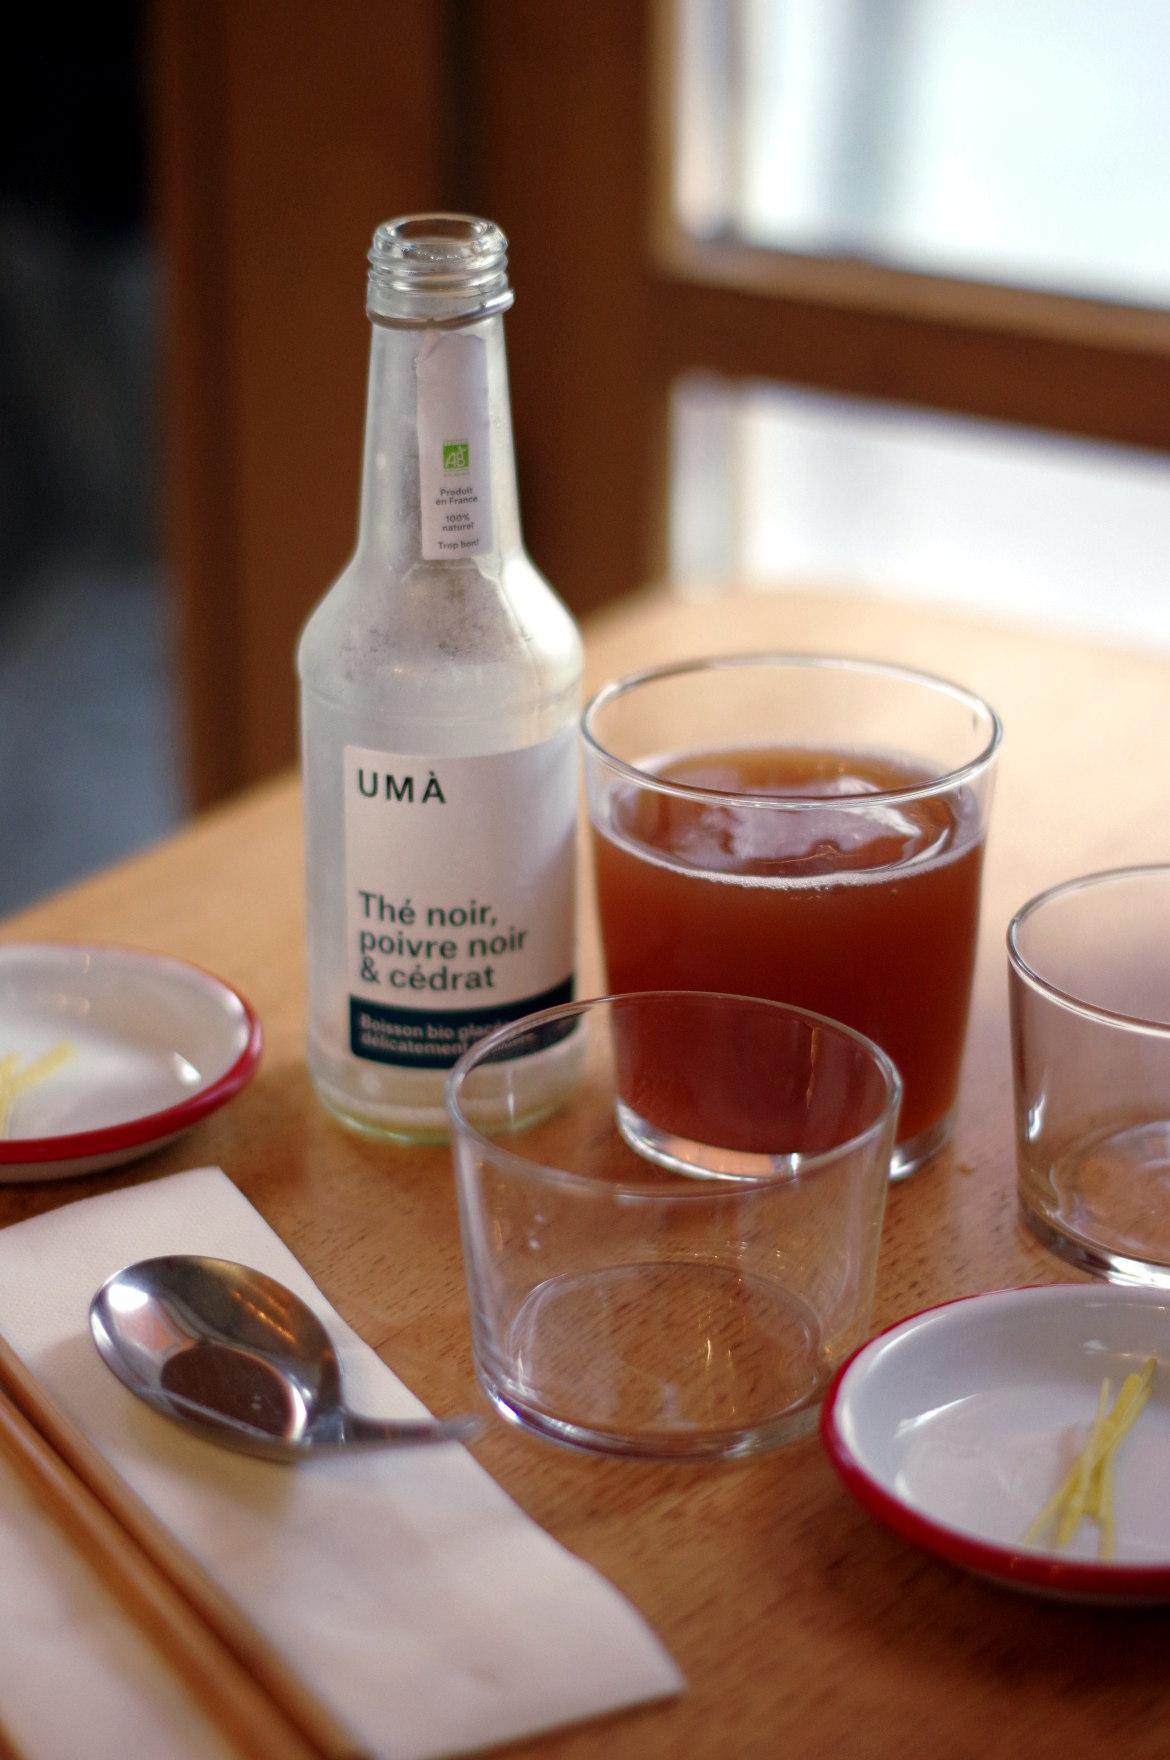 The glace UMA